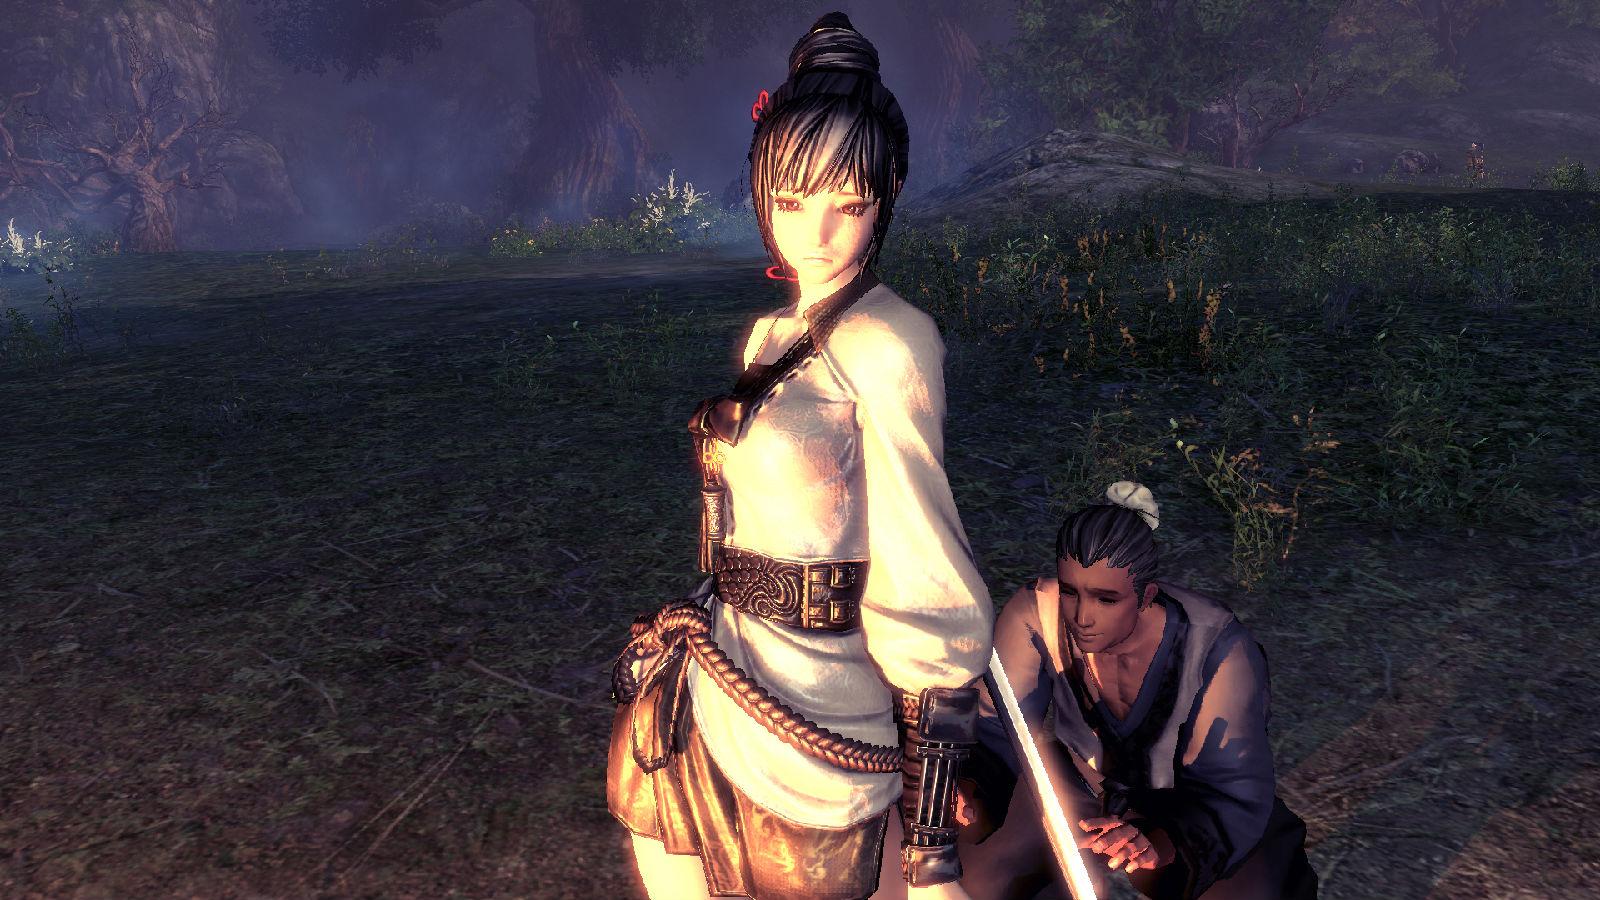 谁有剑灵中美女图片